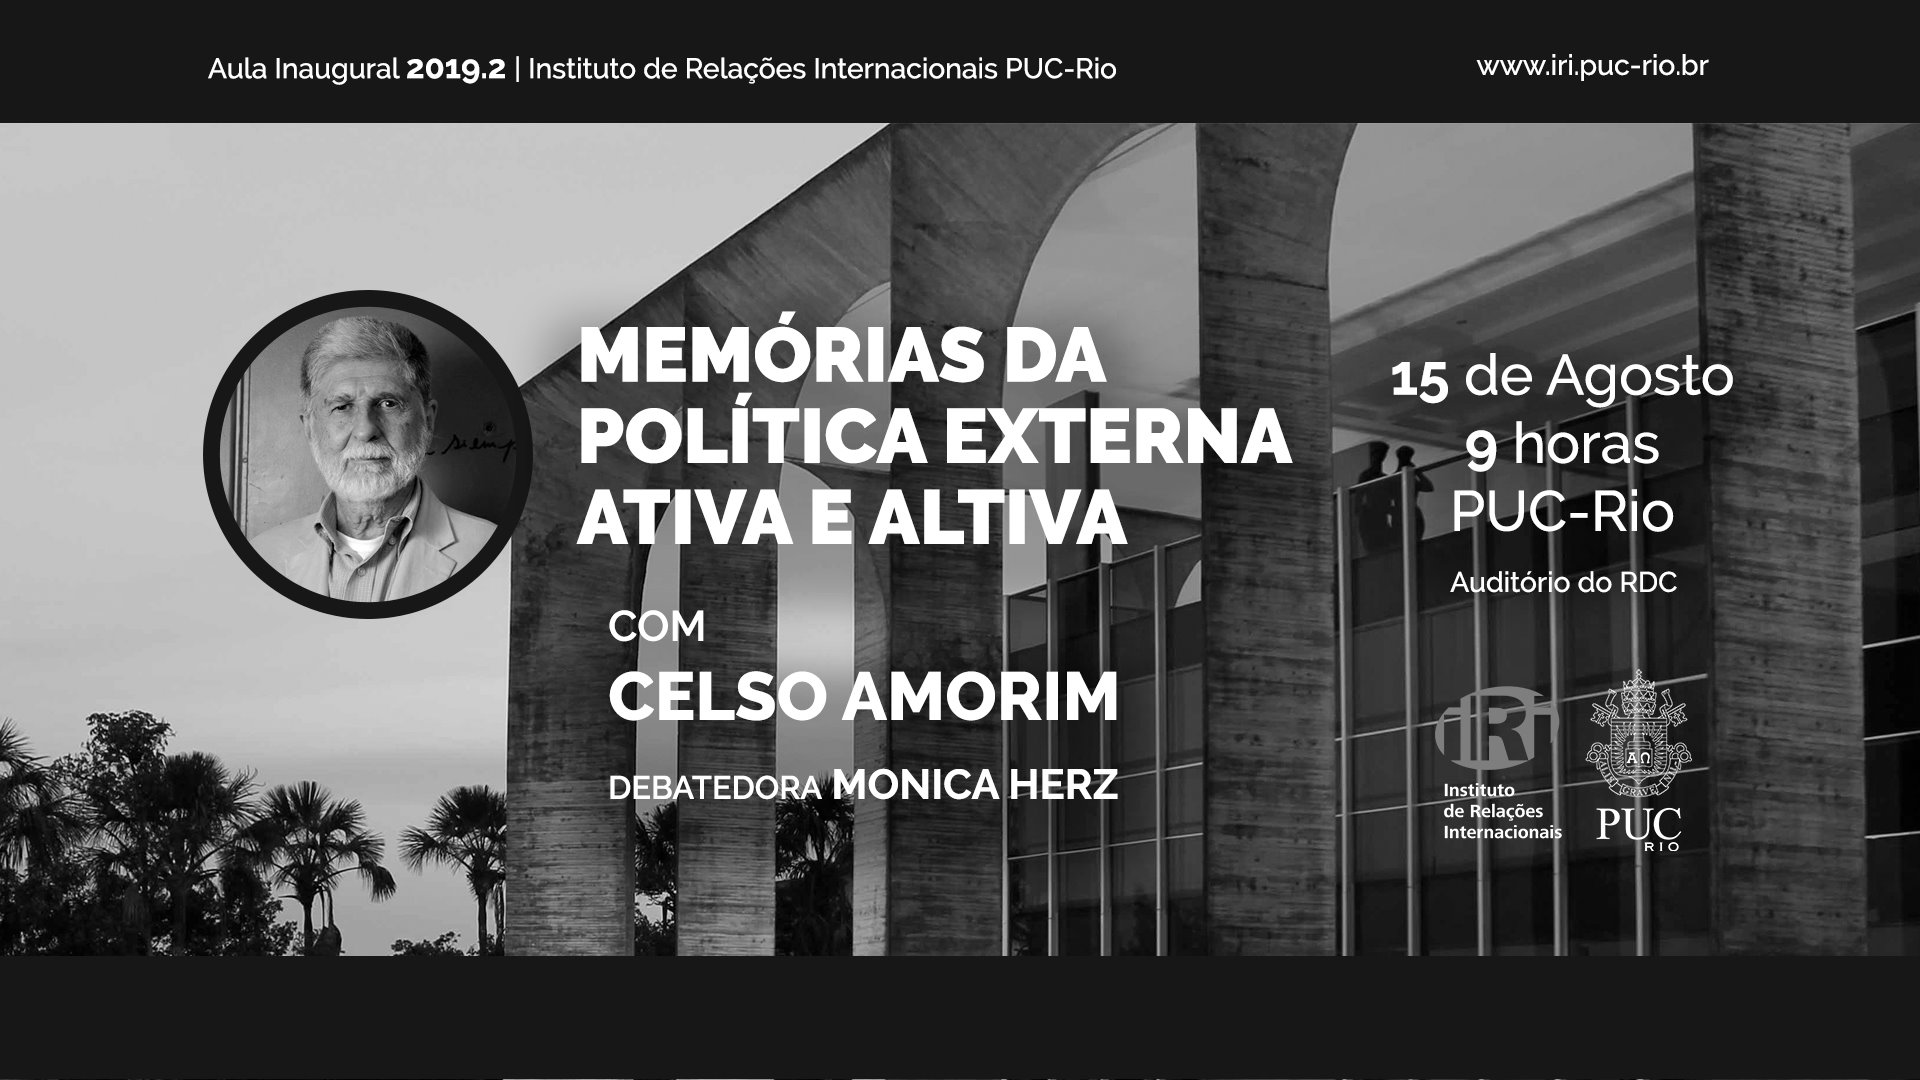 Aula Inaugural: Memórias da Política Externa Ativa e Altiva com Celso Amorim